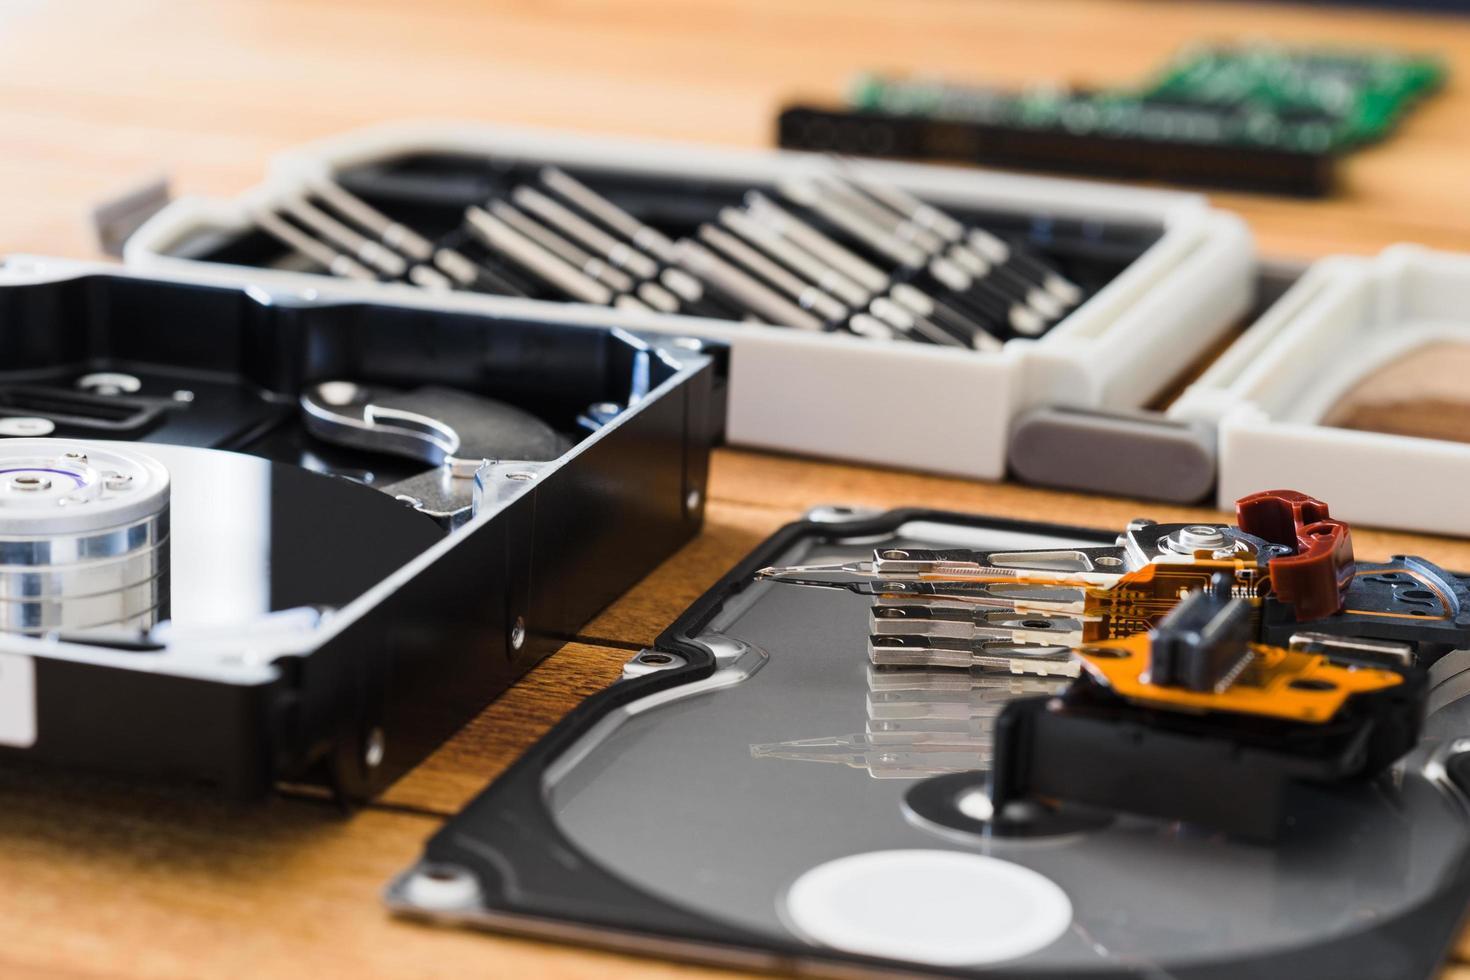 Unidad de disco duro desmontada dentro de primer plano, eje, brazo actuador, cabezal de lectura y escritura, plato, herramientas de desmontaje foto